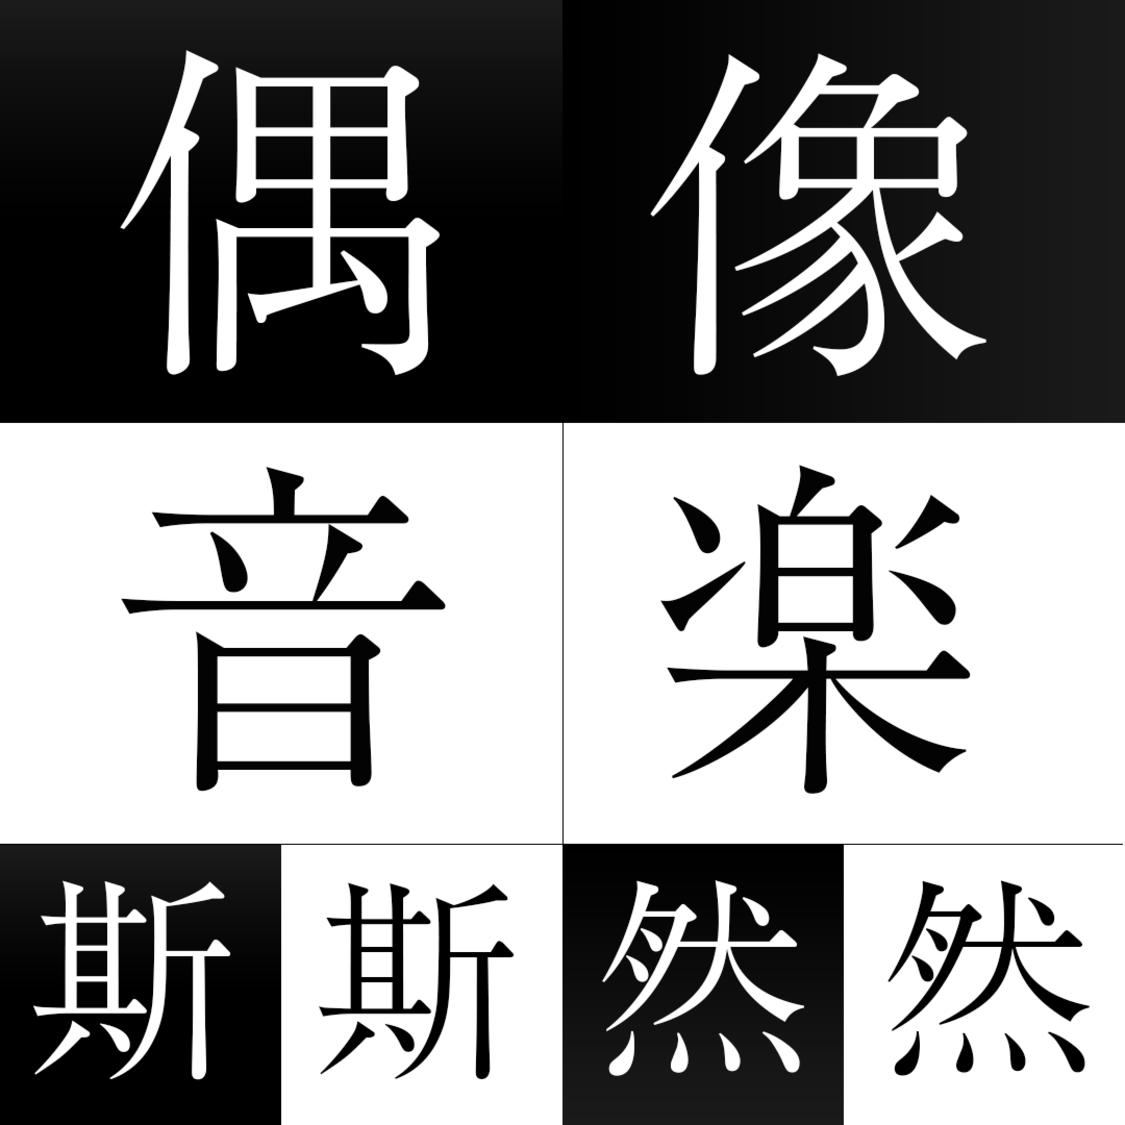 鈴木愛理の二面性と、神宿にでんぱ組.inc…清 竜人が書く女性ヴォーカル曲としてのアイドルソング♡